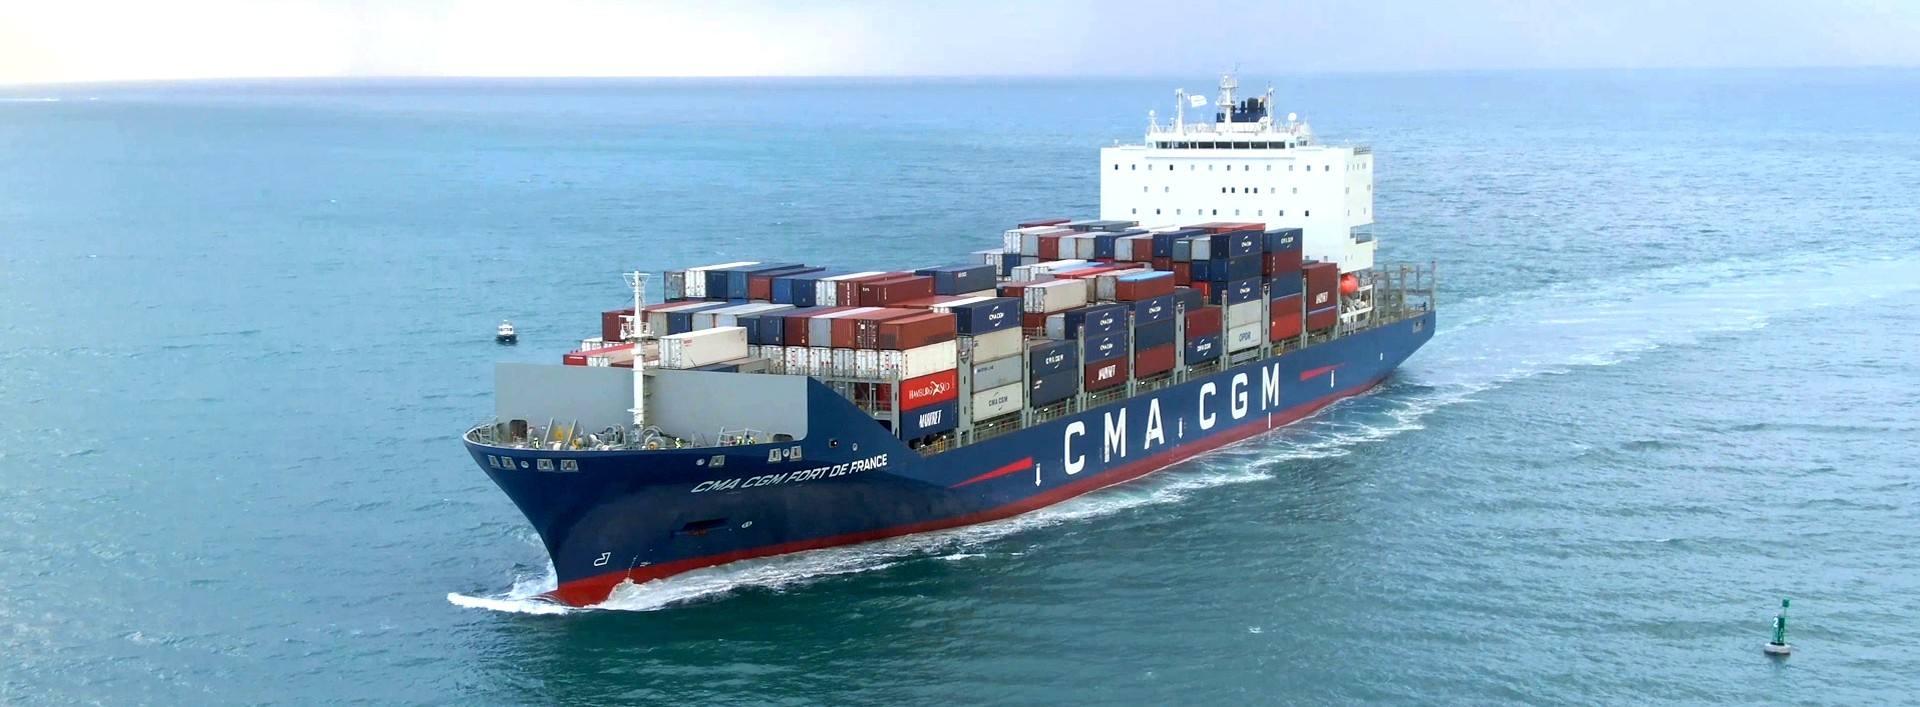 Covid-19 – Mayotte : CMA CGM met à disposition 37 conteneurs de stockage pour des biens médicaux et de première nécessité